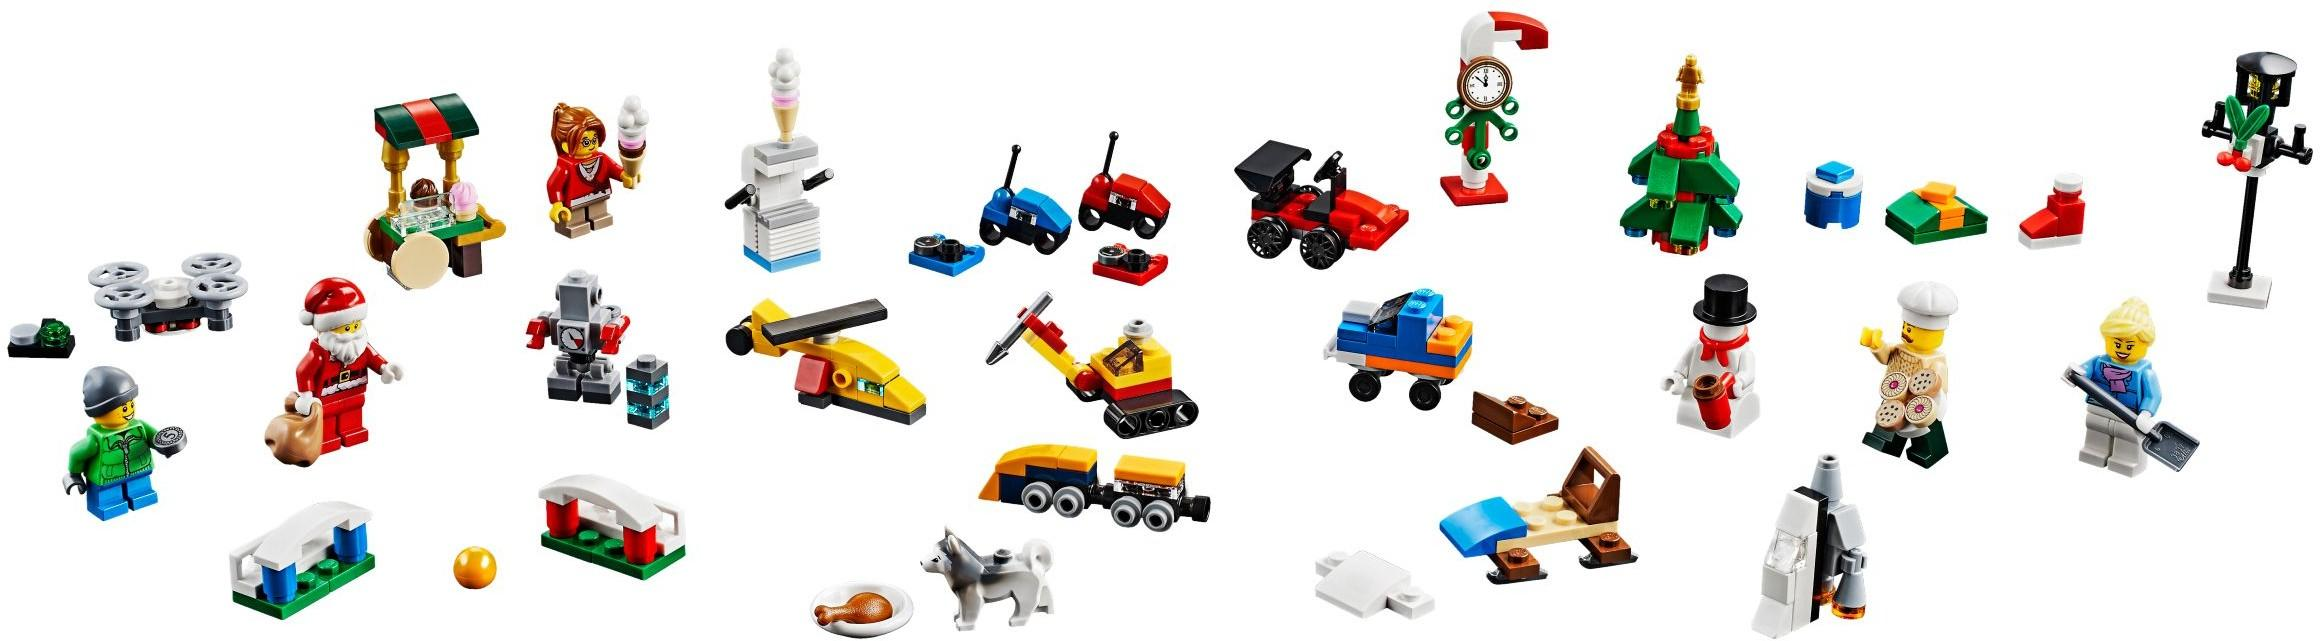 Le Calendrier City L'avent De 60201 Lego® QdrxsCth